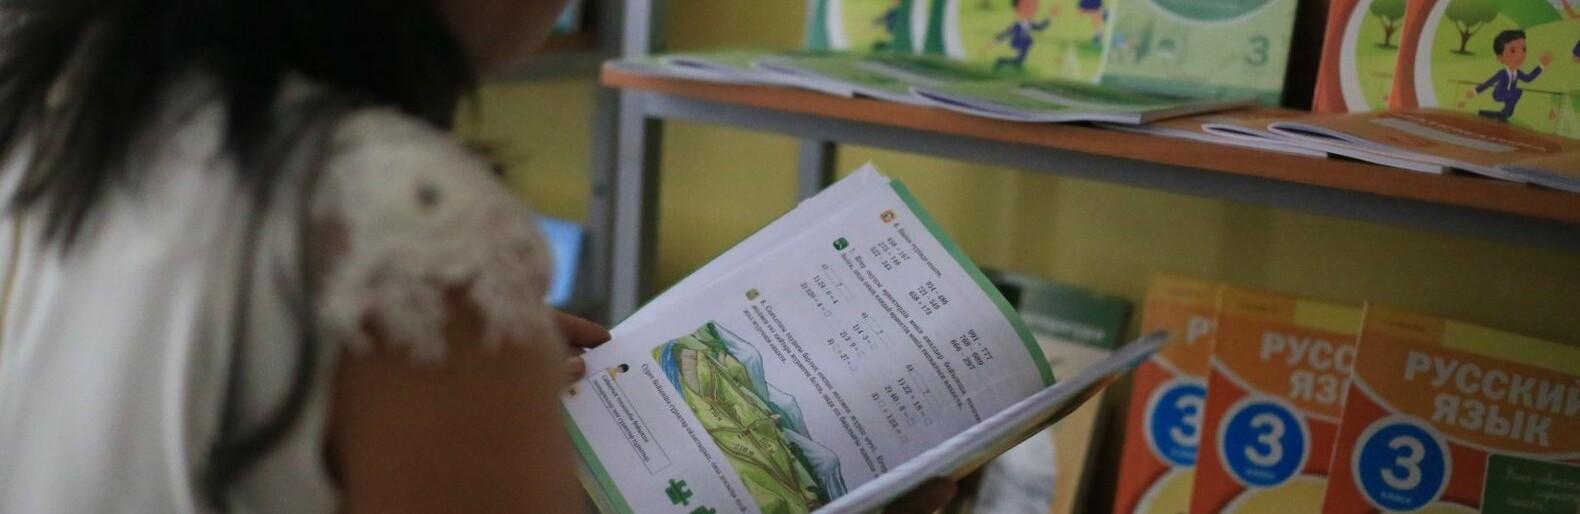 Учебники подорожали в Казахстане, к их качеству регулярно возникают вопросы